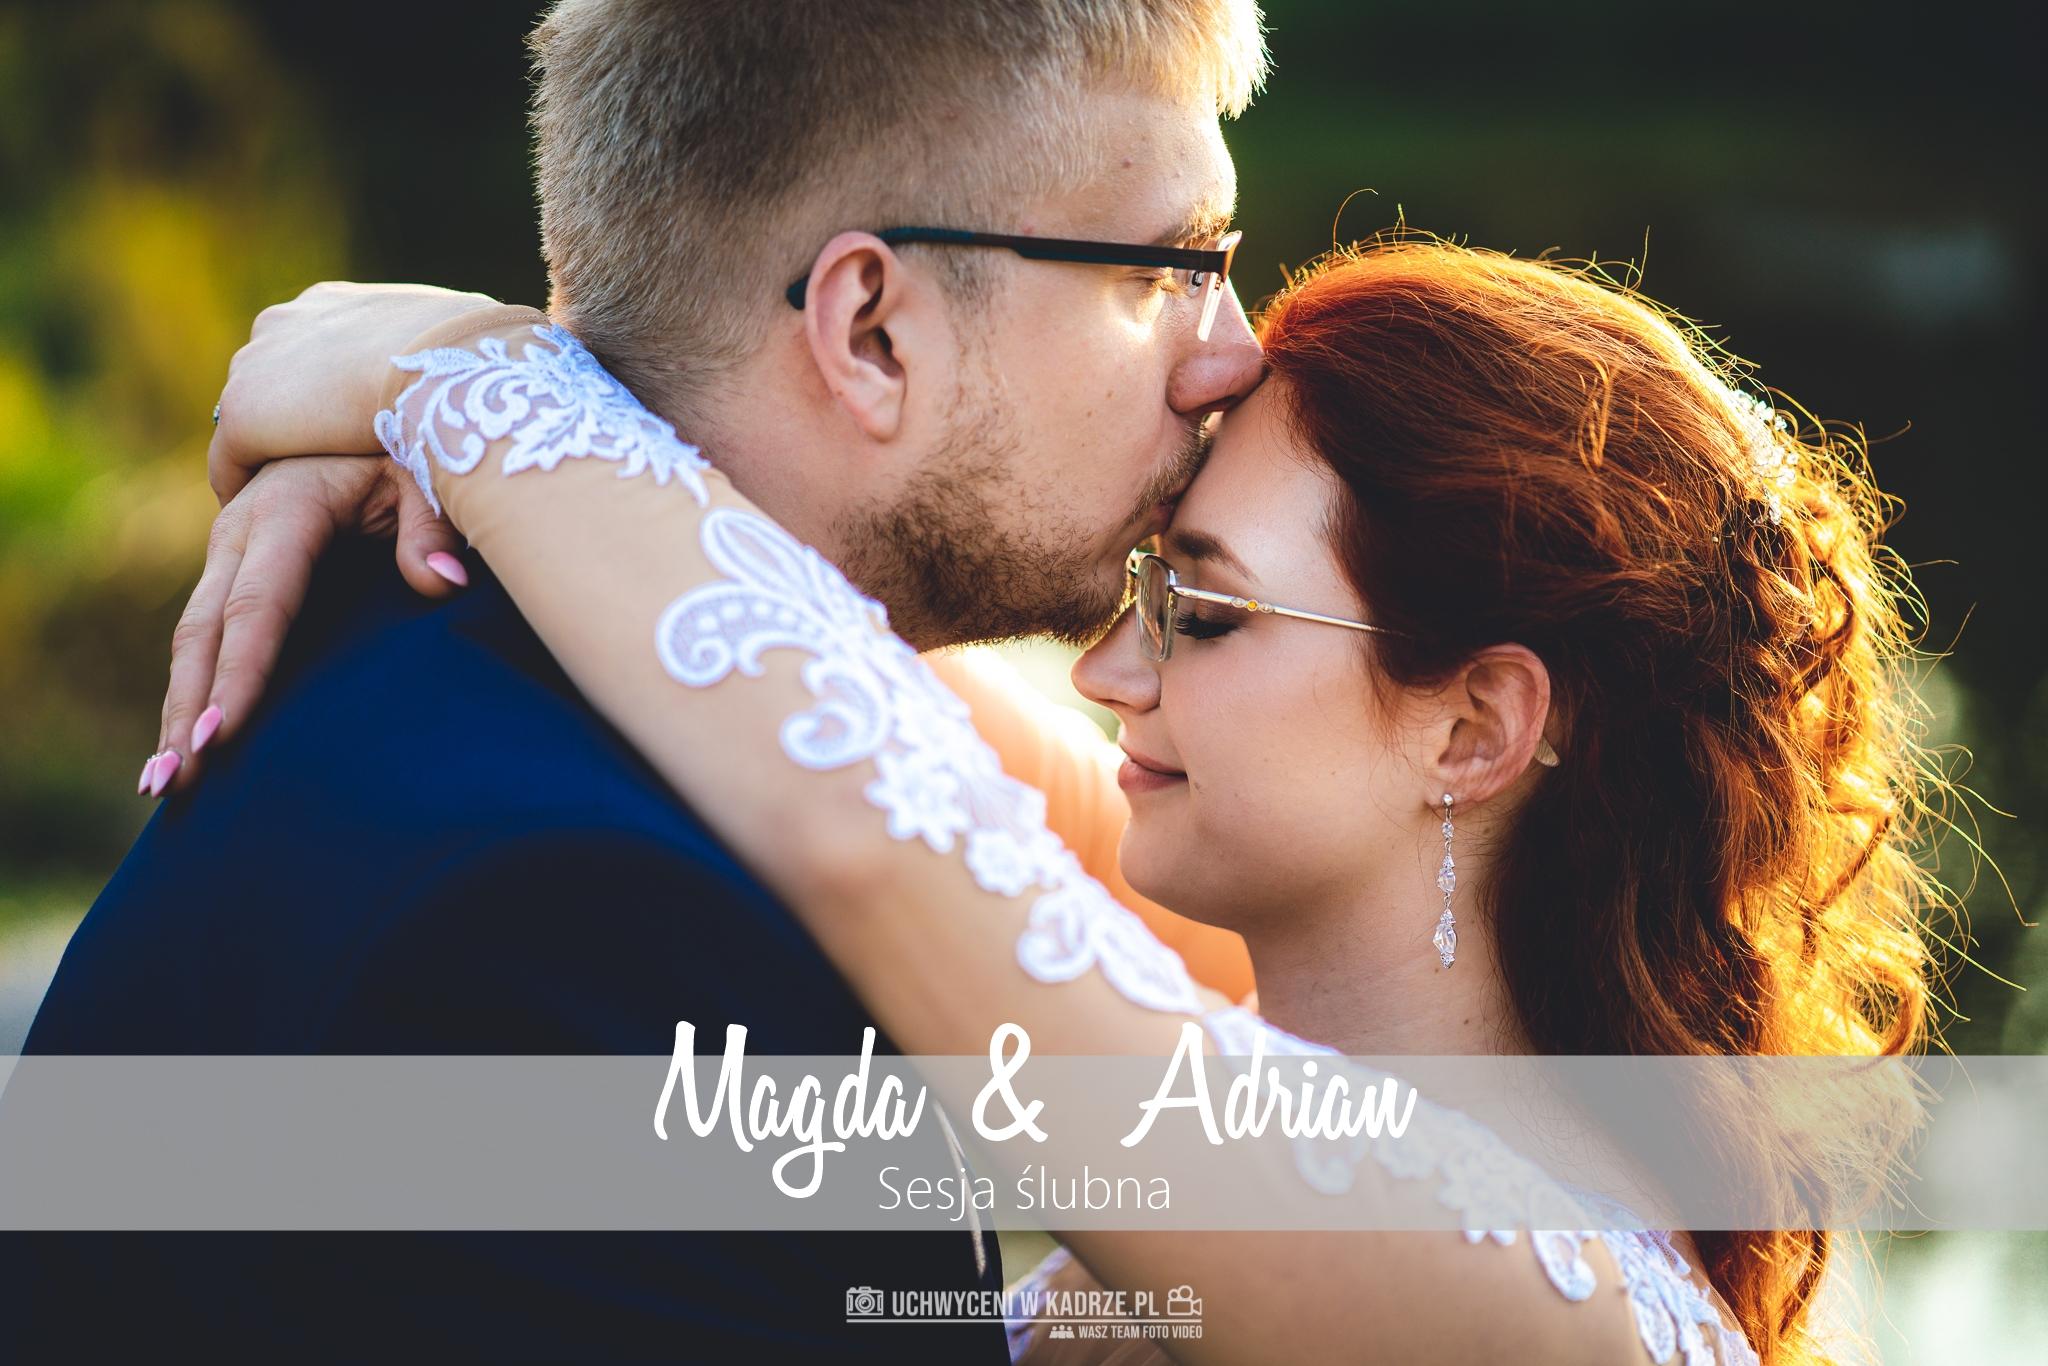 Magda & Adrian | Sesja ślubna w Lublinie